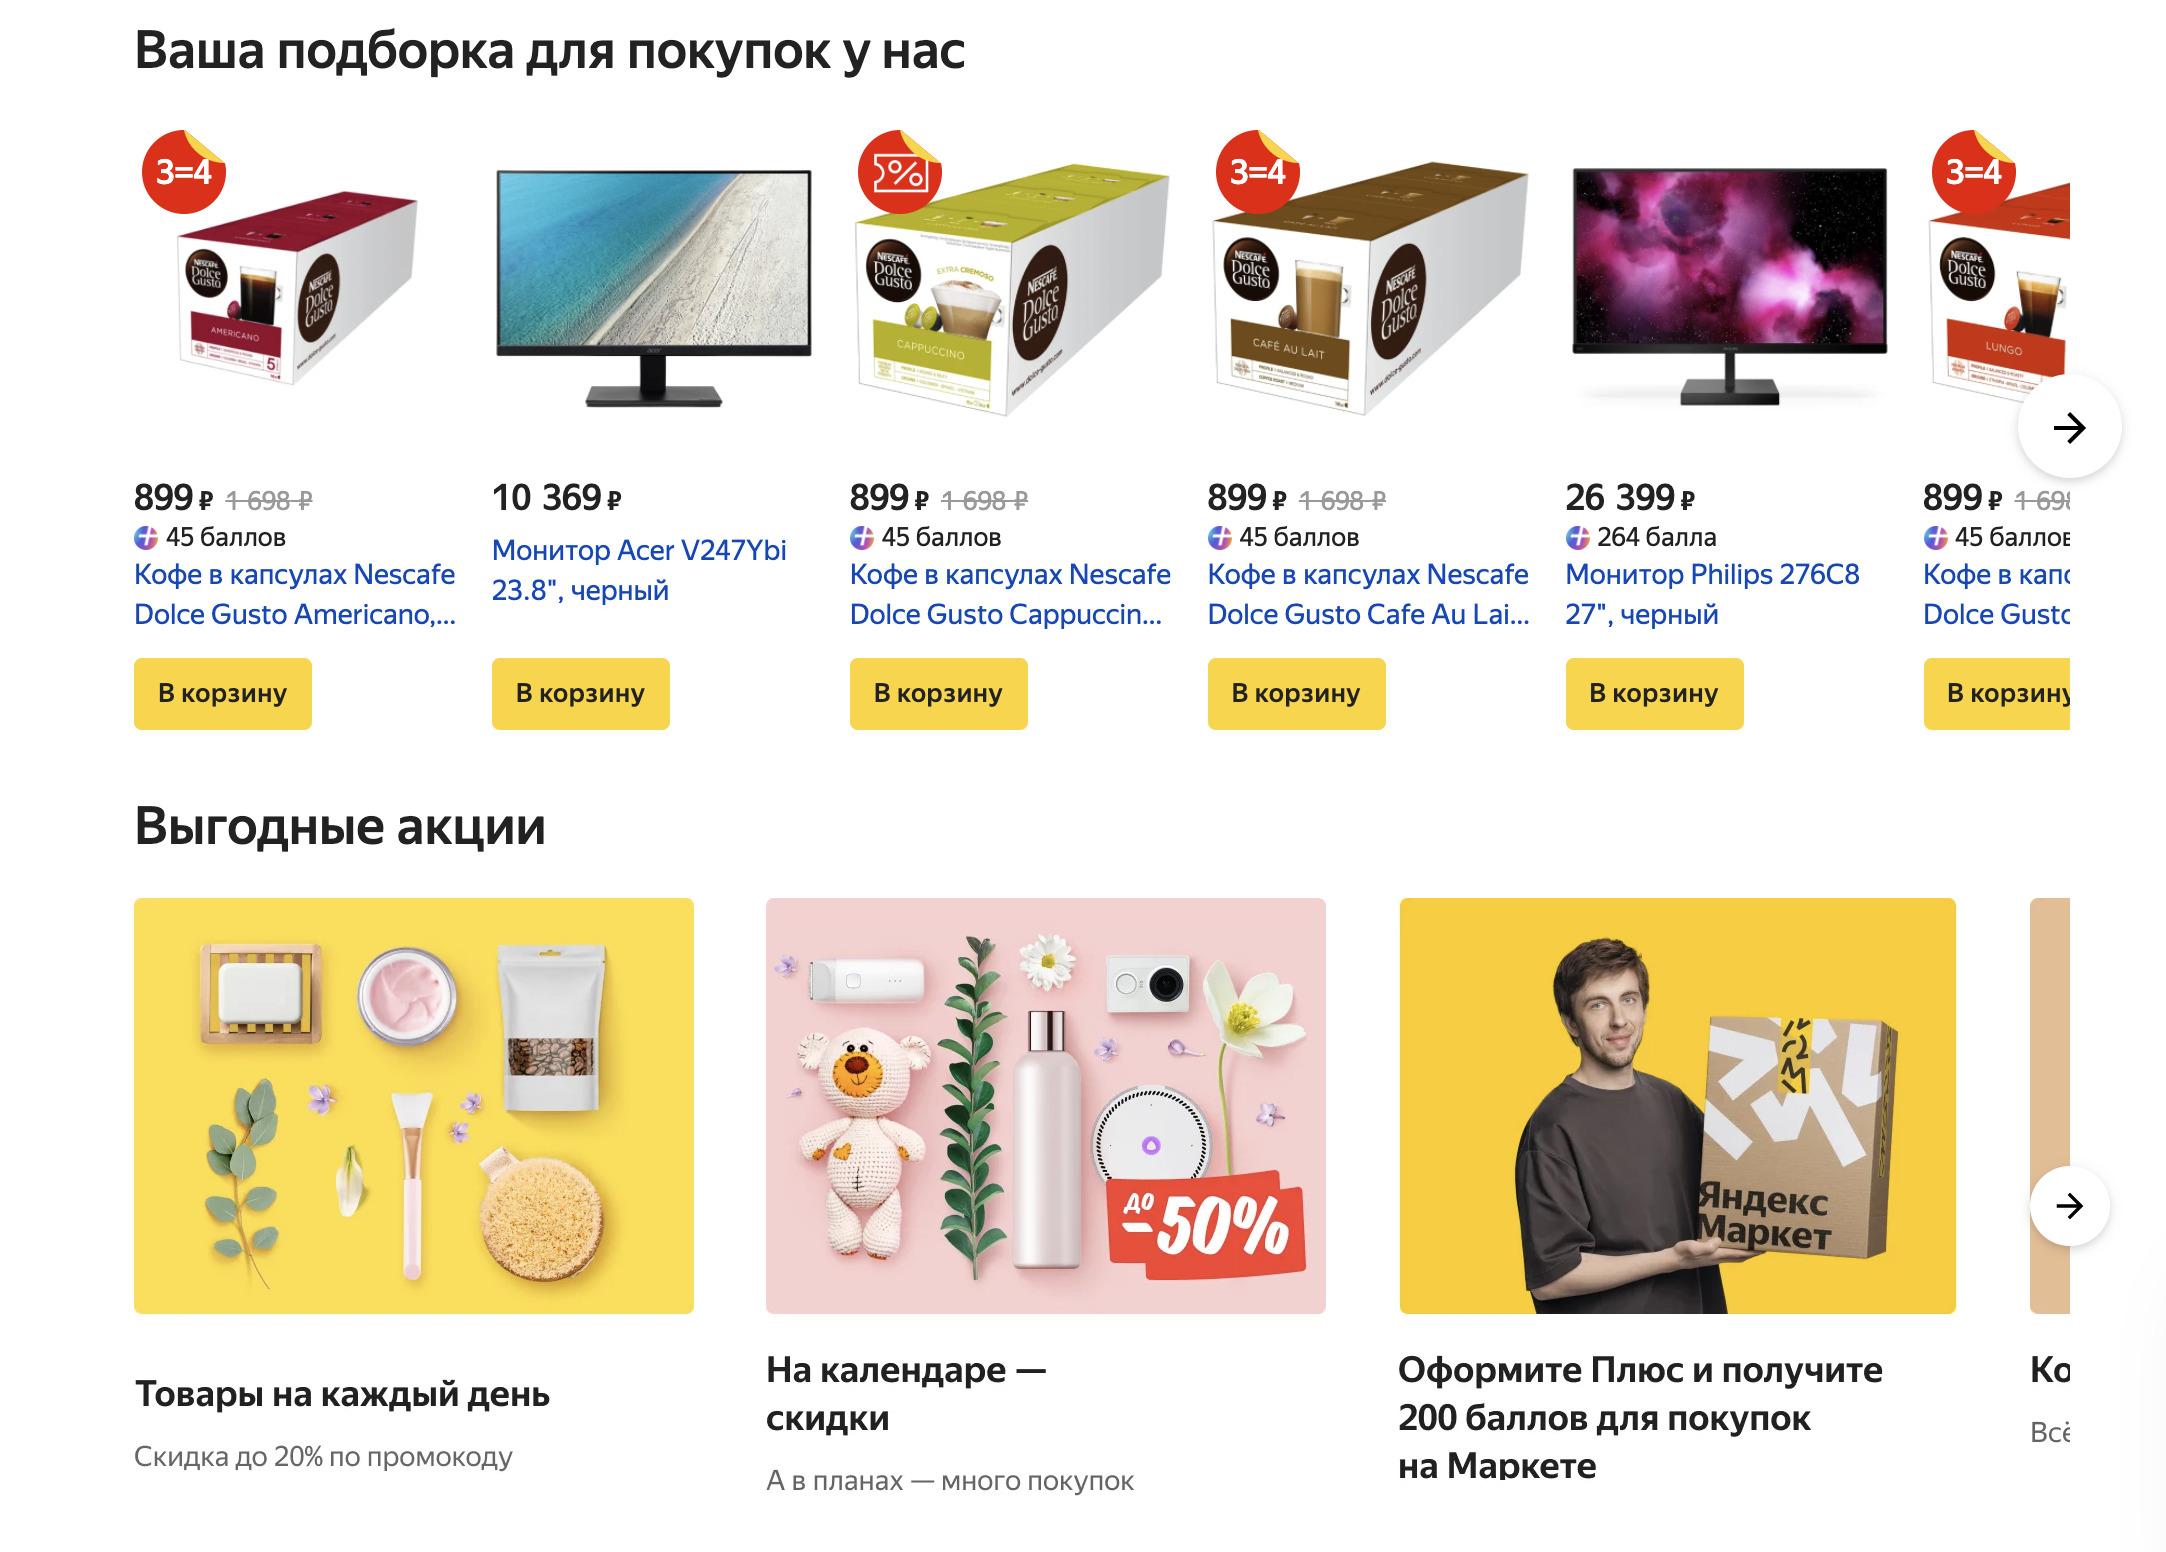 Доставка из Яндекс.Маркет в Александров, сроки, пункты выдачи, каталог